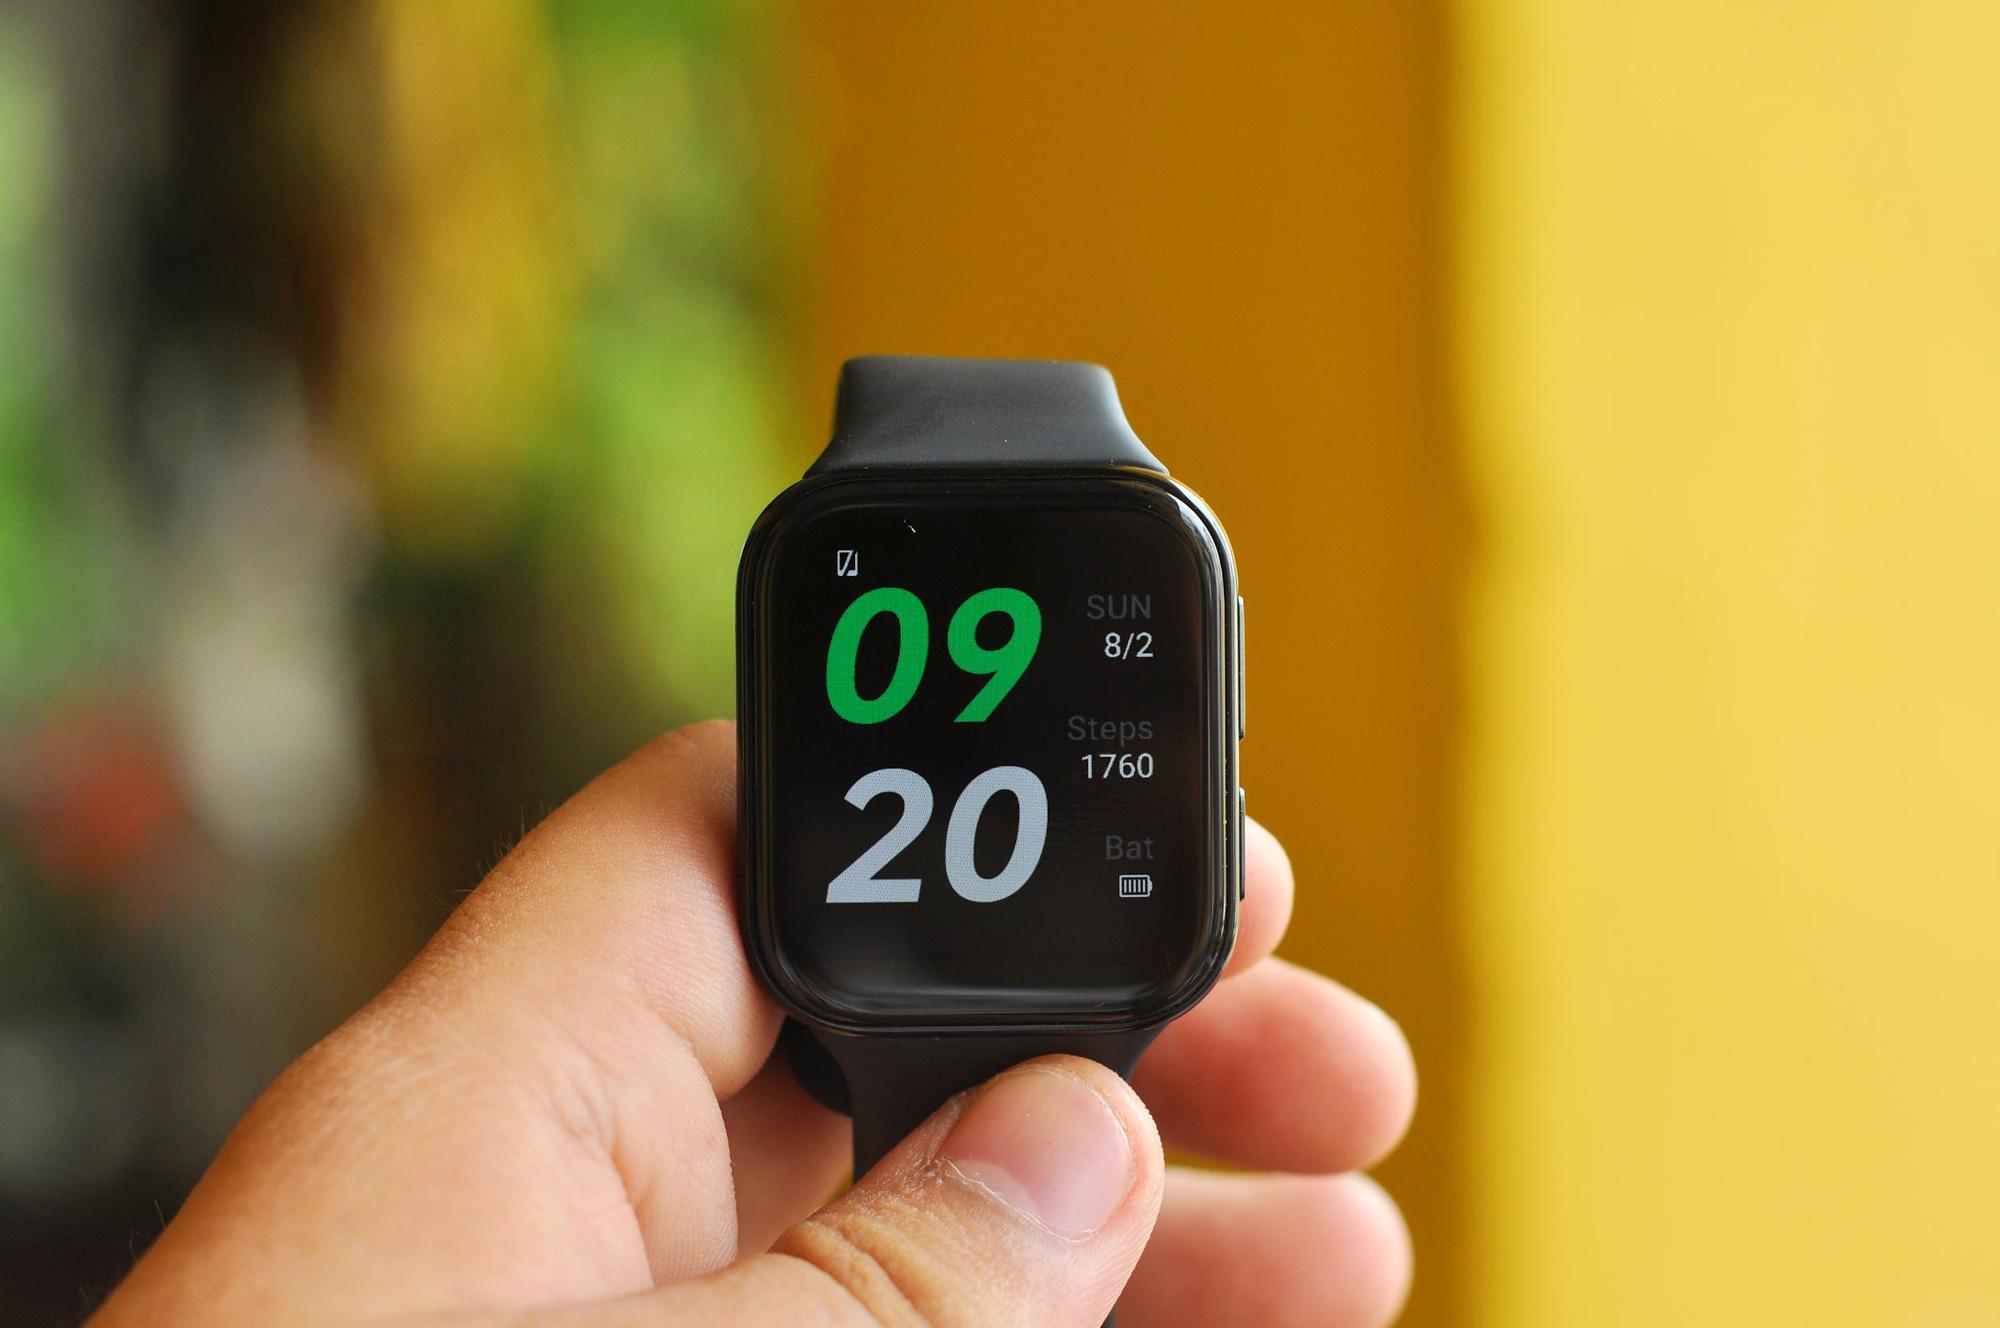 Thiết kế tinh tế, tính năng ấn tượng: OPPO Watch mang đến nhiều lợi ích hơn bạn nghĩ! - Ảnh 5.